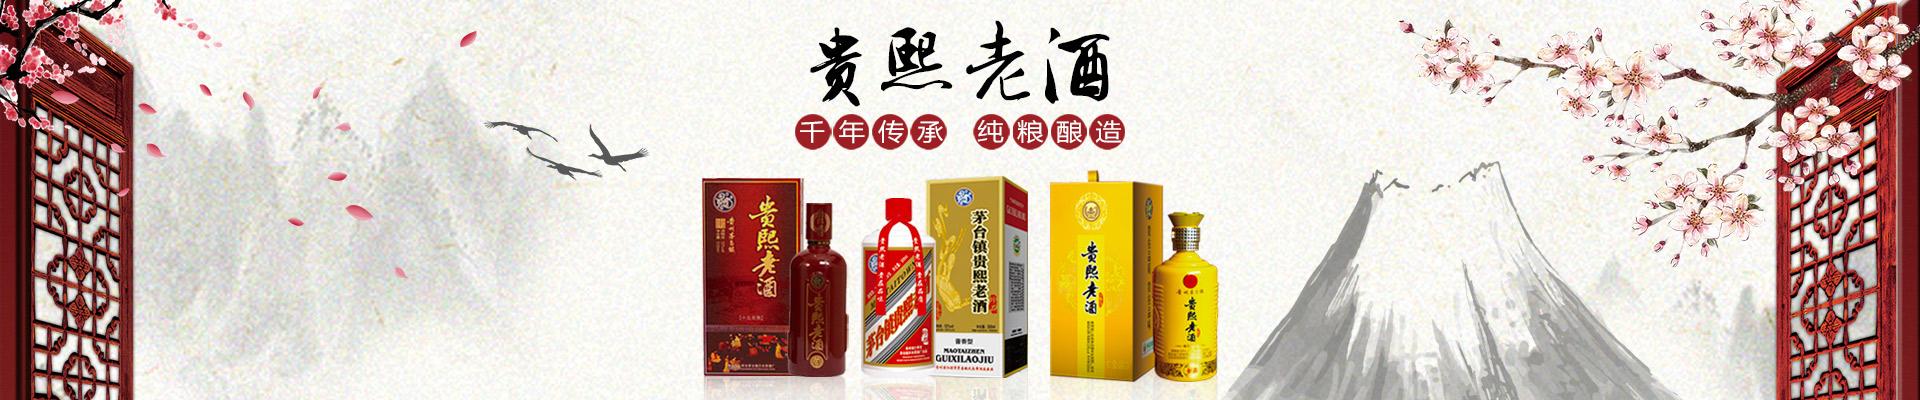 贵州华耀酒管家酒业有限公司